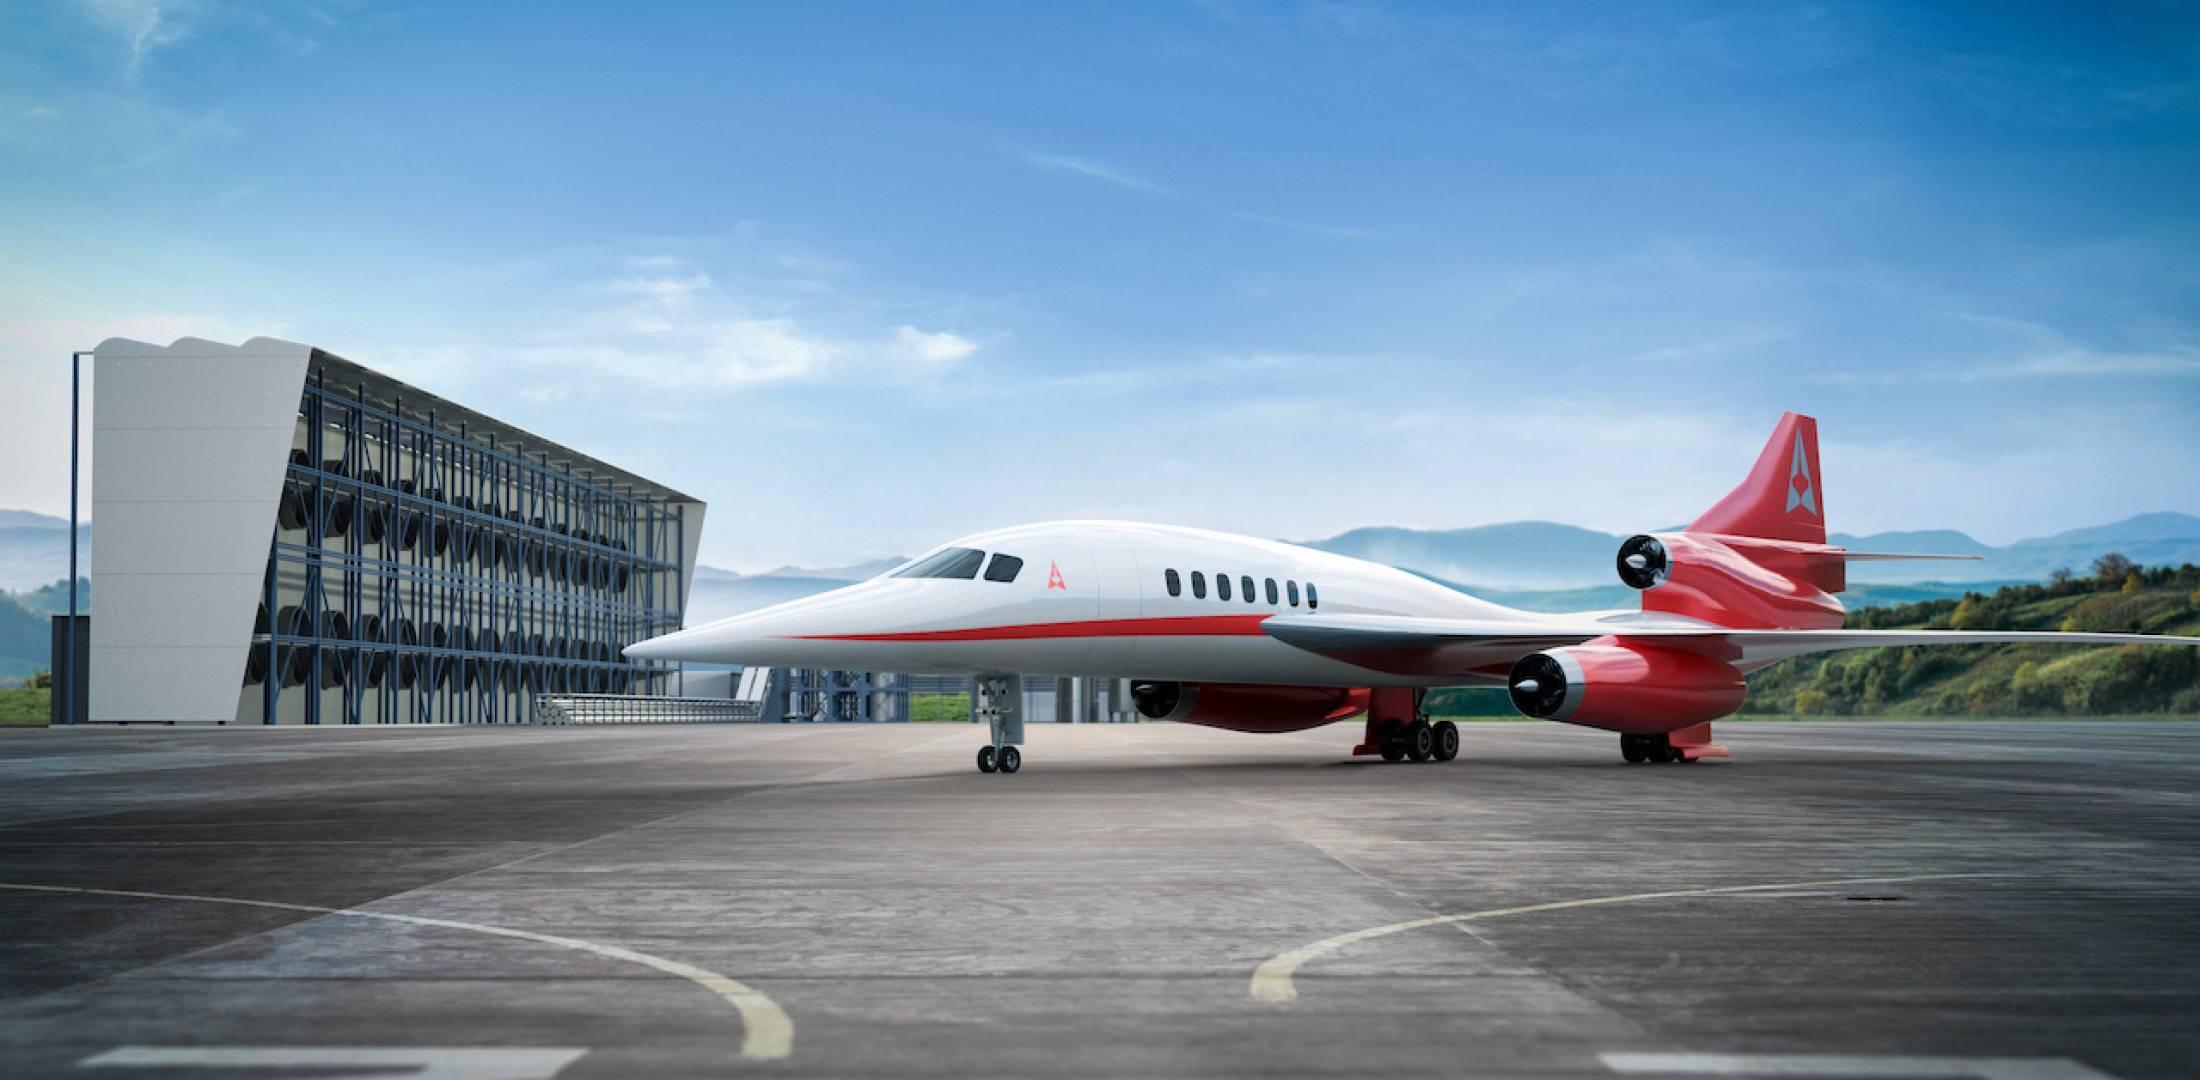 В США выпустят новейший сверхзвуковой пассажирский самолет уже в 2023 году